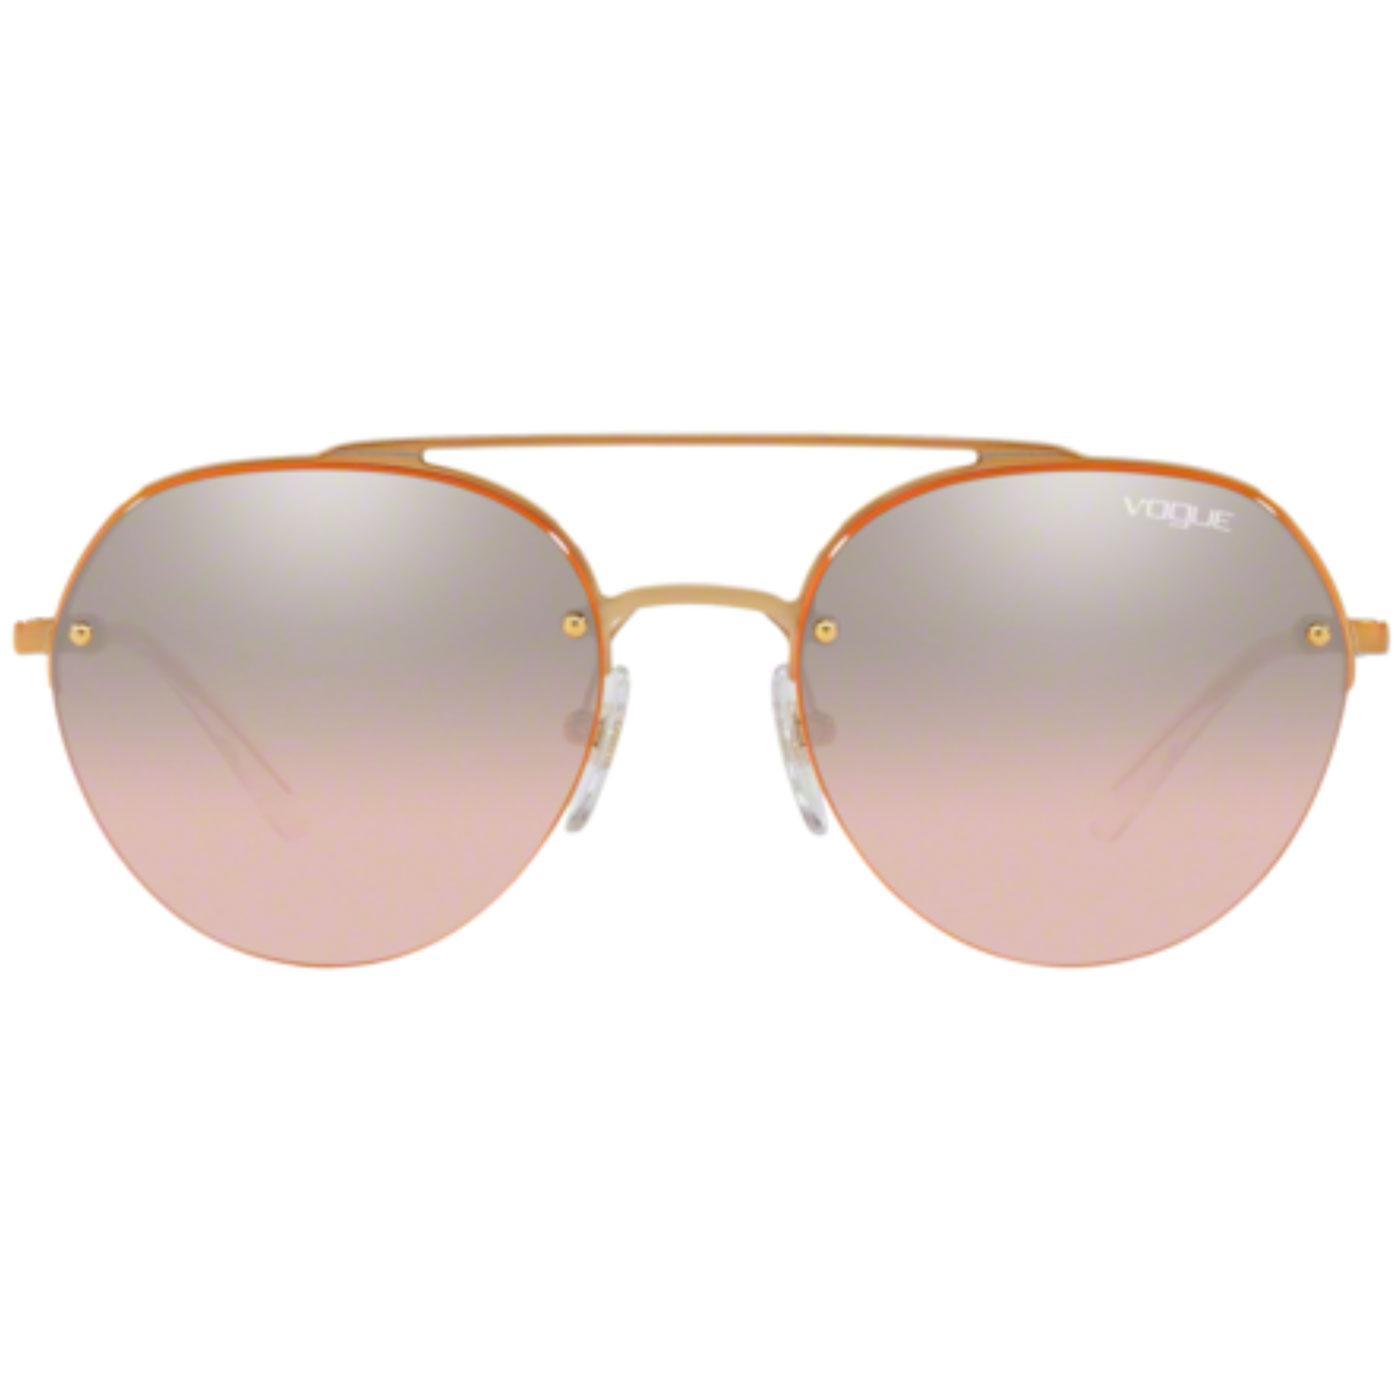 VOGUE Retro 70s Womens Aviator Sunglasses RG